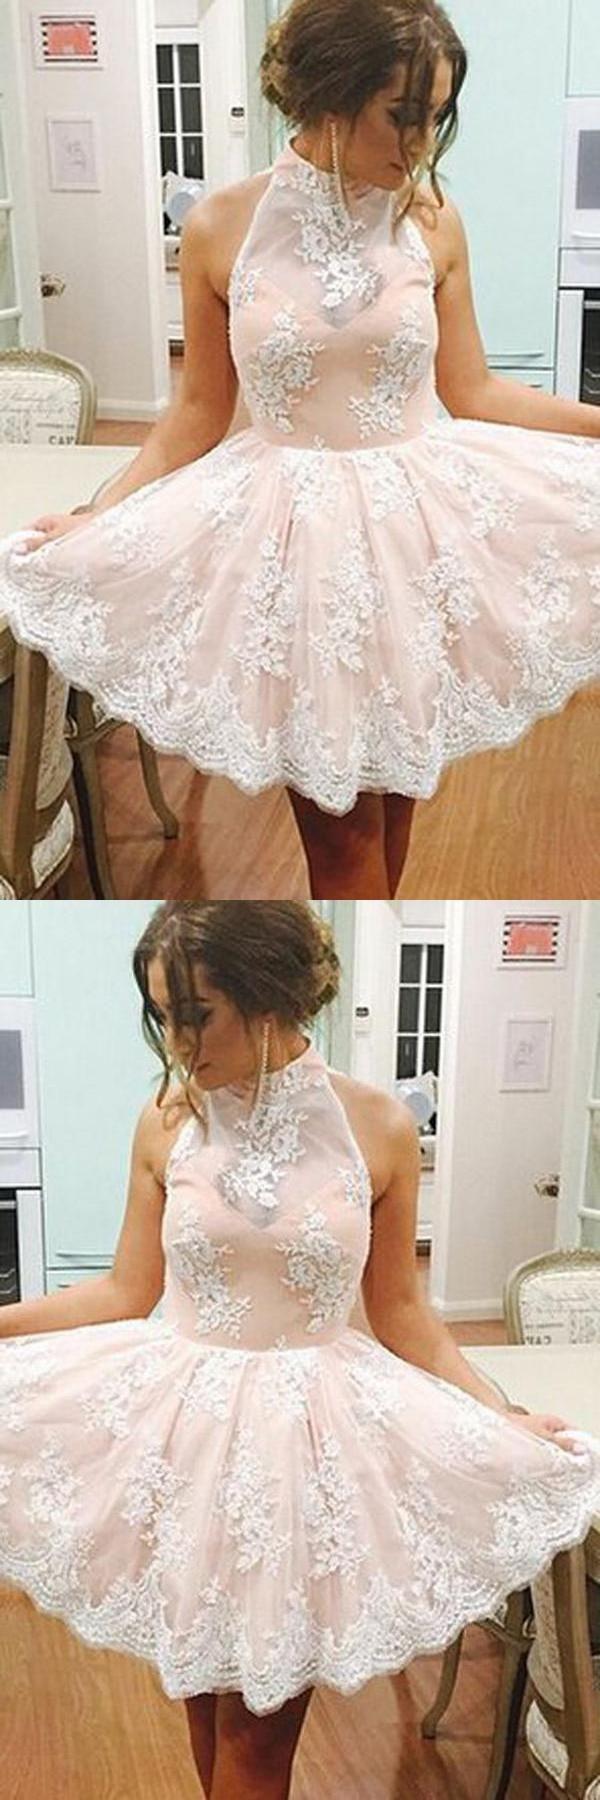 White white lace sleeveless lace simi short homecoming